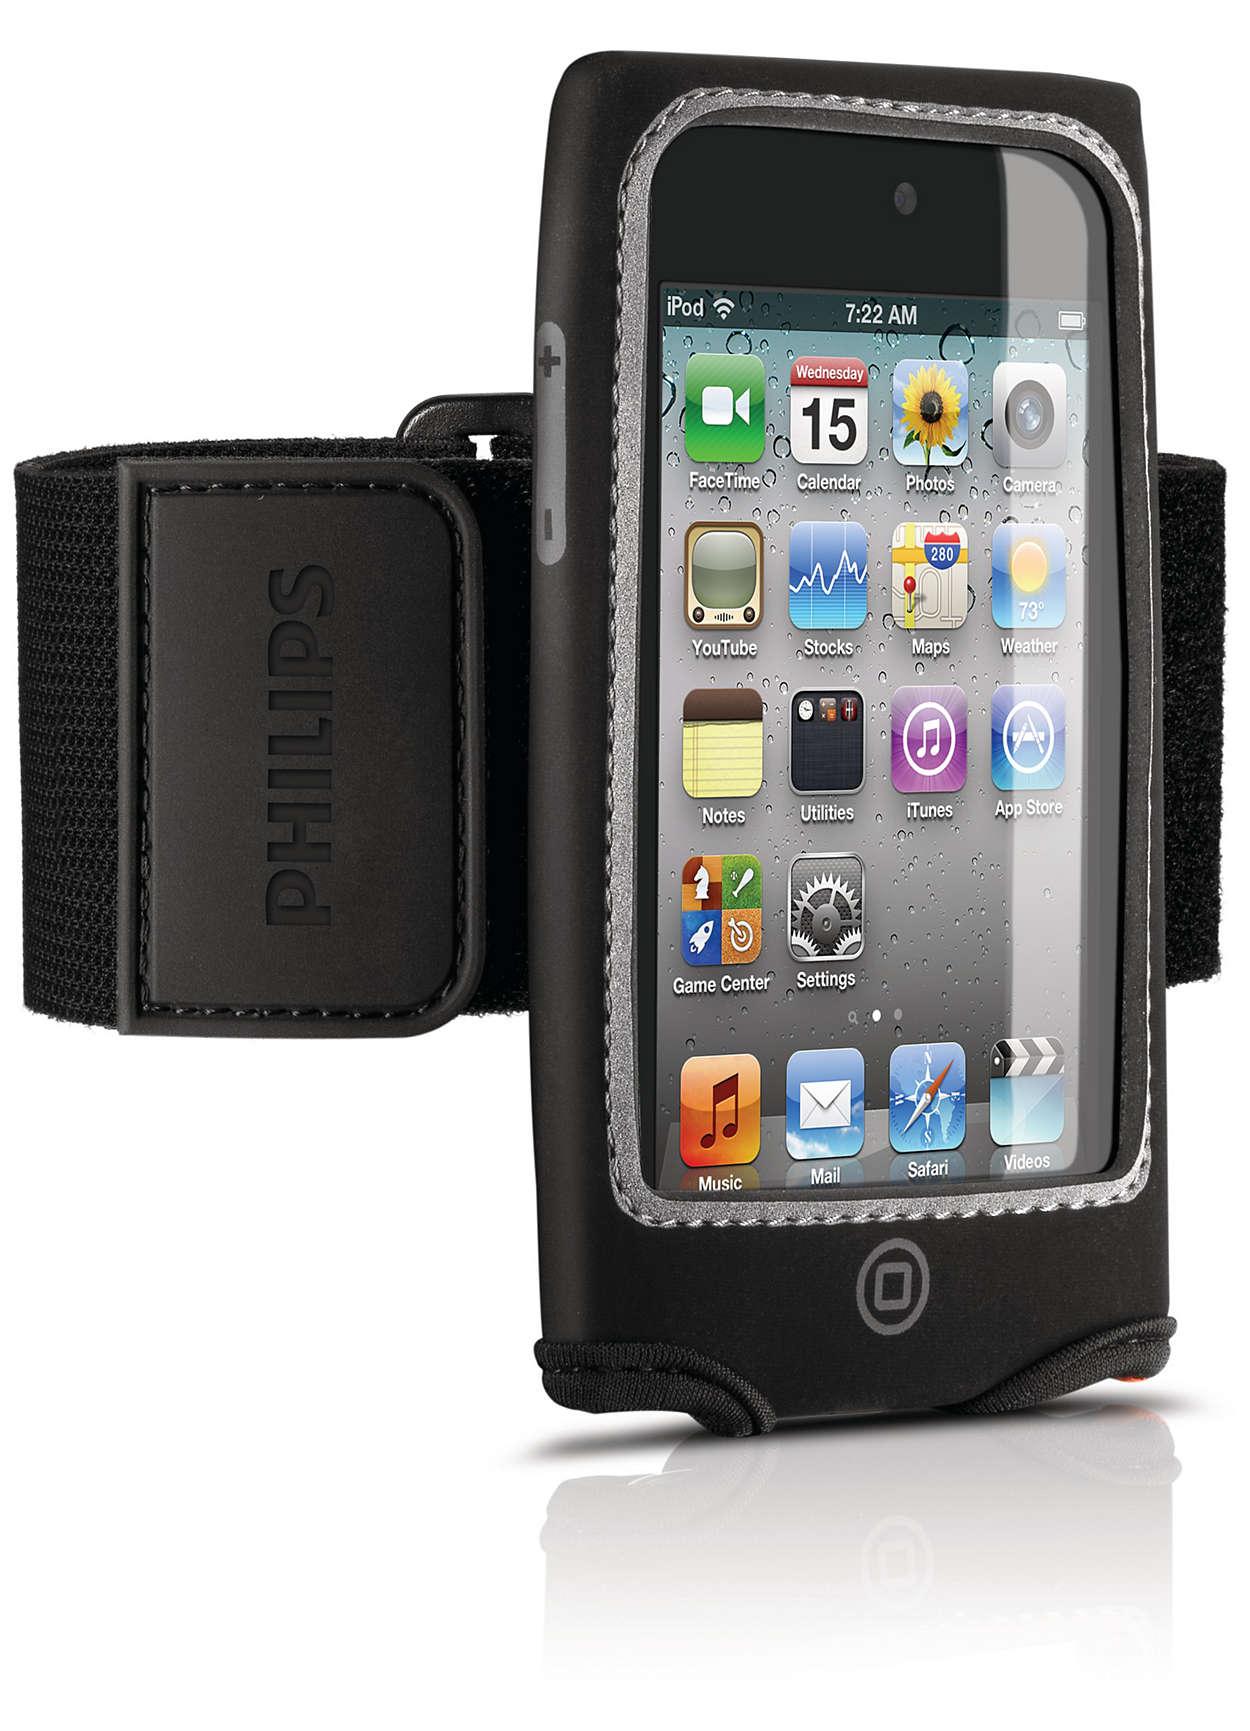 Sporten met uw iPod